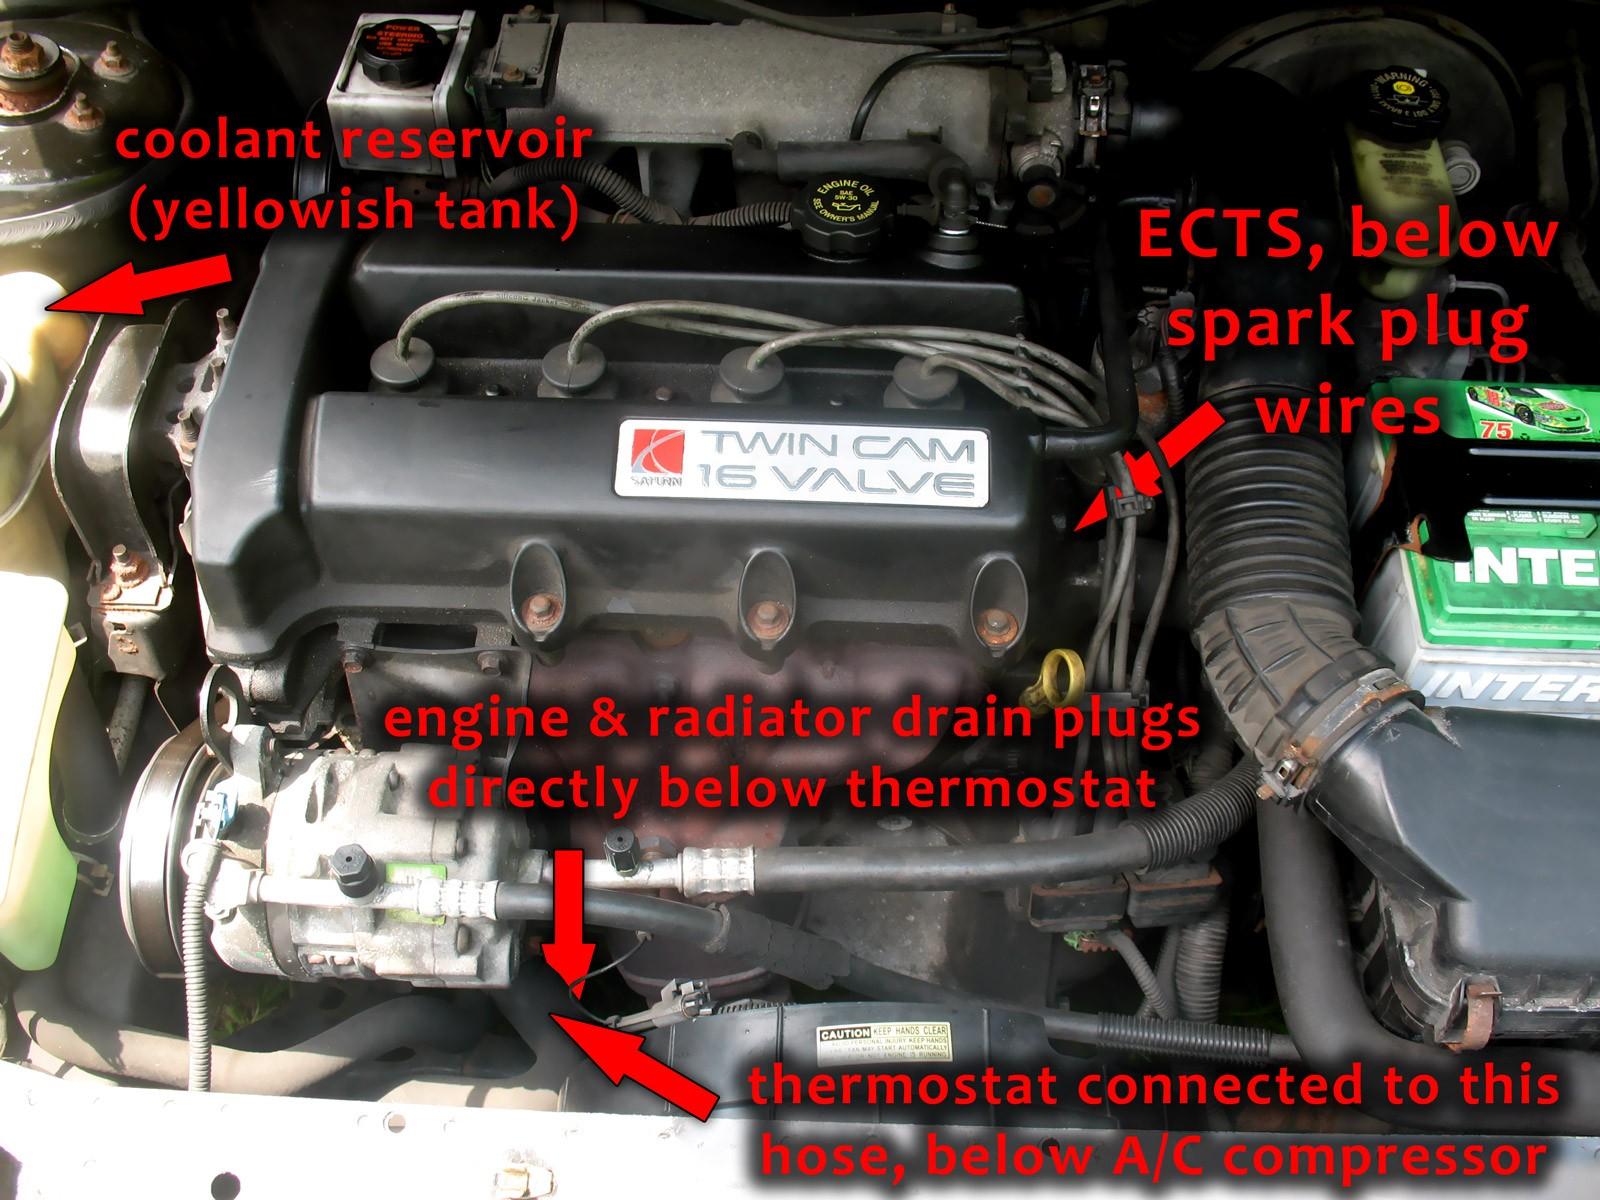 2001 Saturn Sl1 Engine Diagram 2001 Saturn Sc2 Engine Diagram 2001 Saturn Sc2 Engine Diagram Wiring Of 2001 Saturn Sl1 Engine Diagram